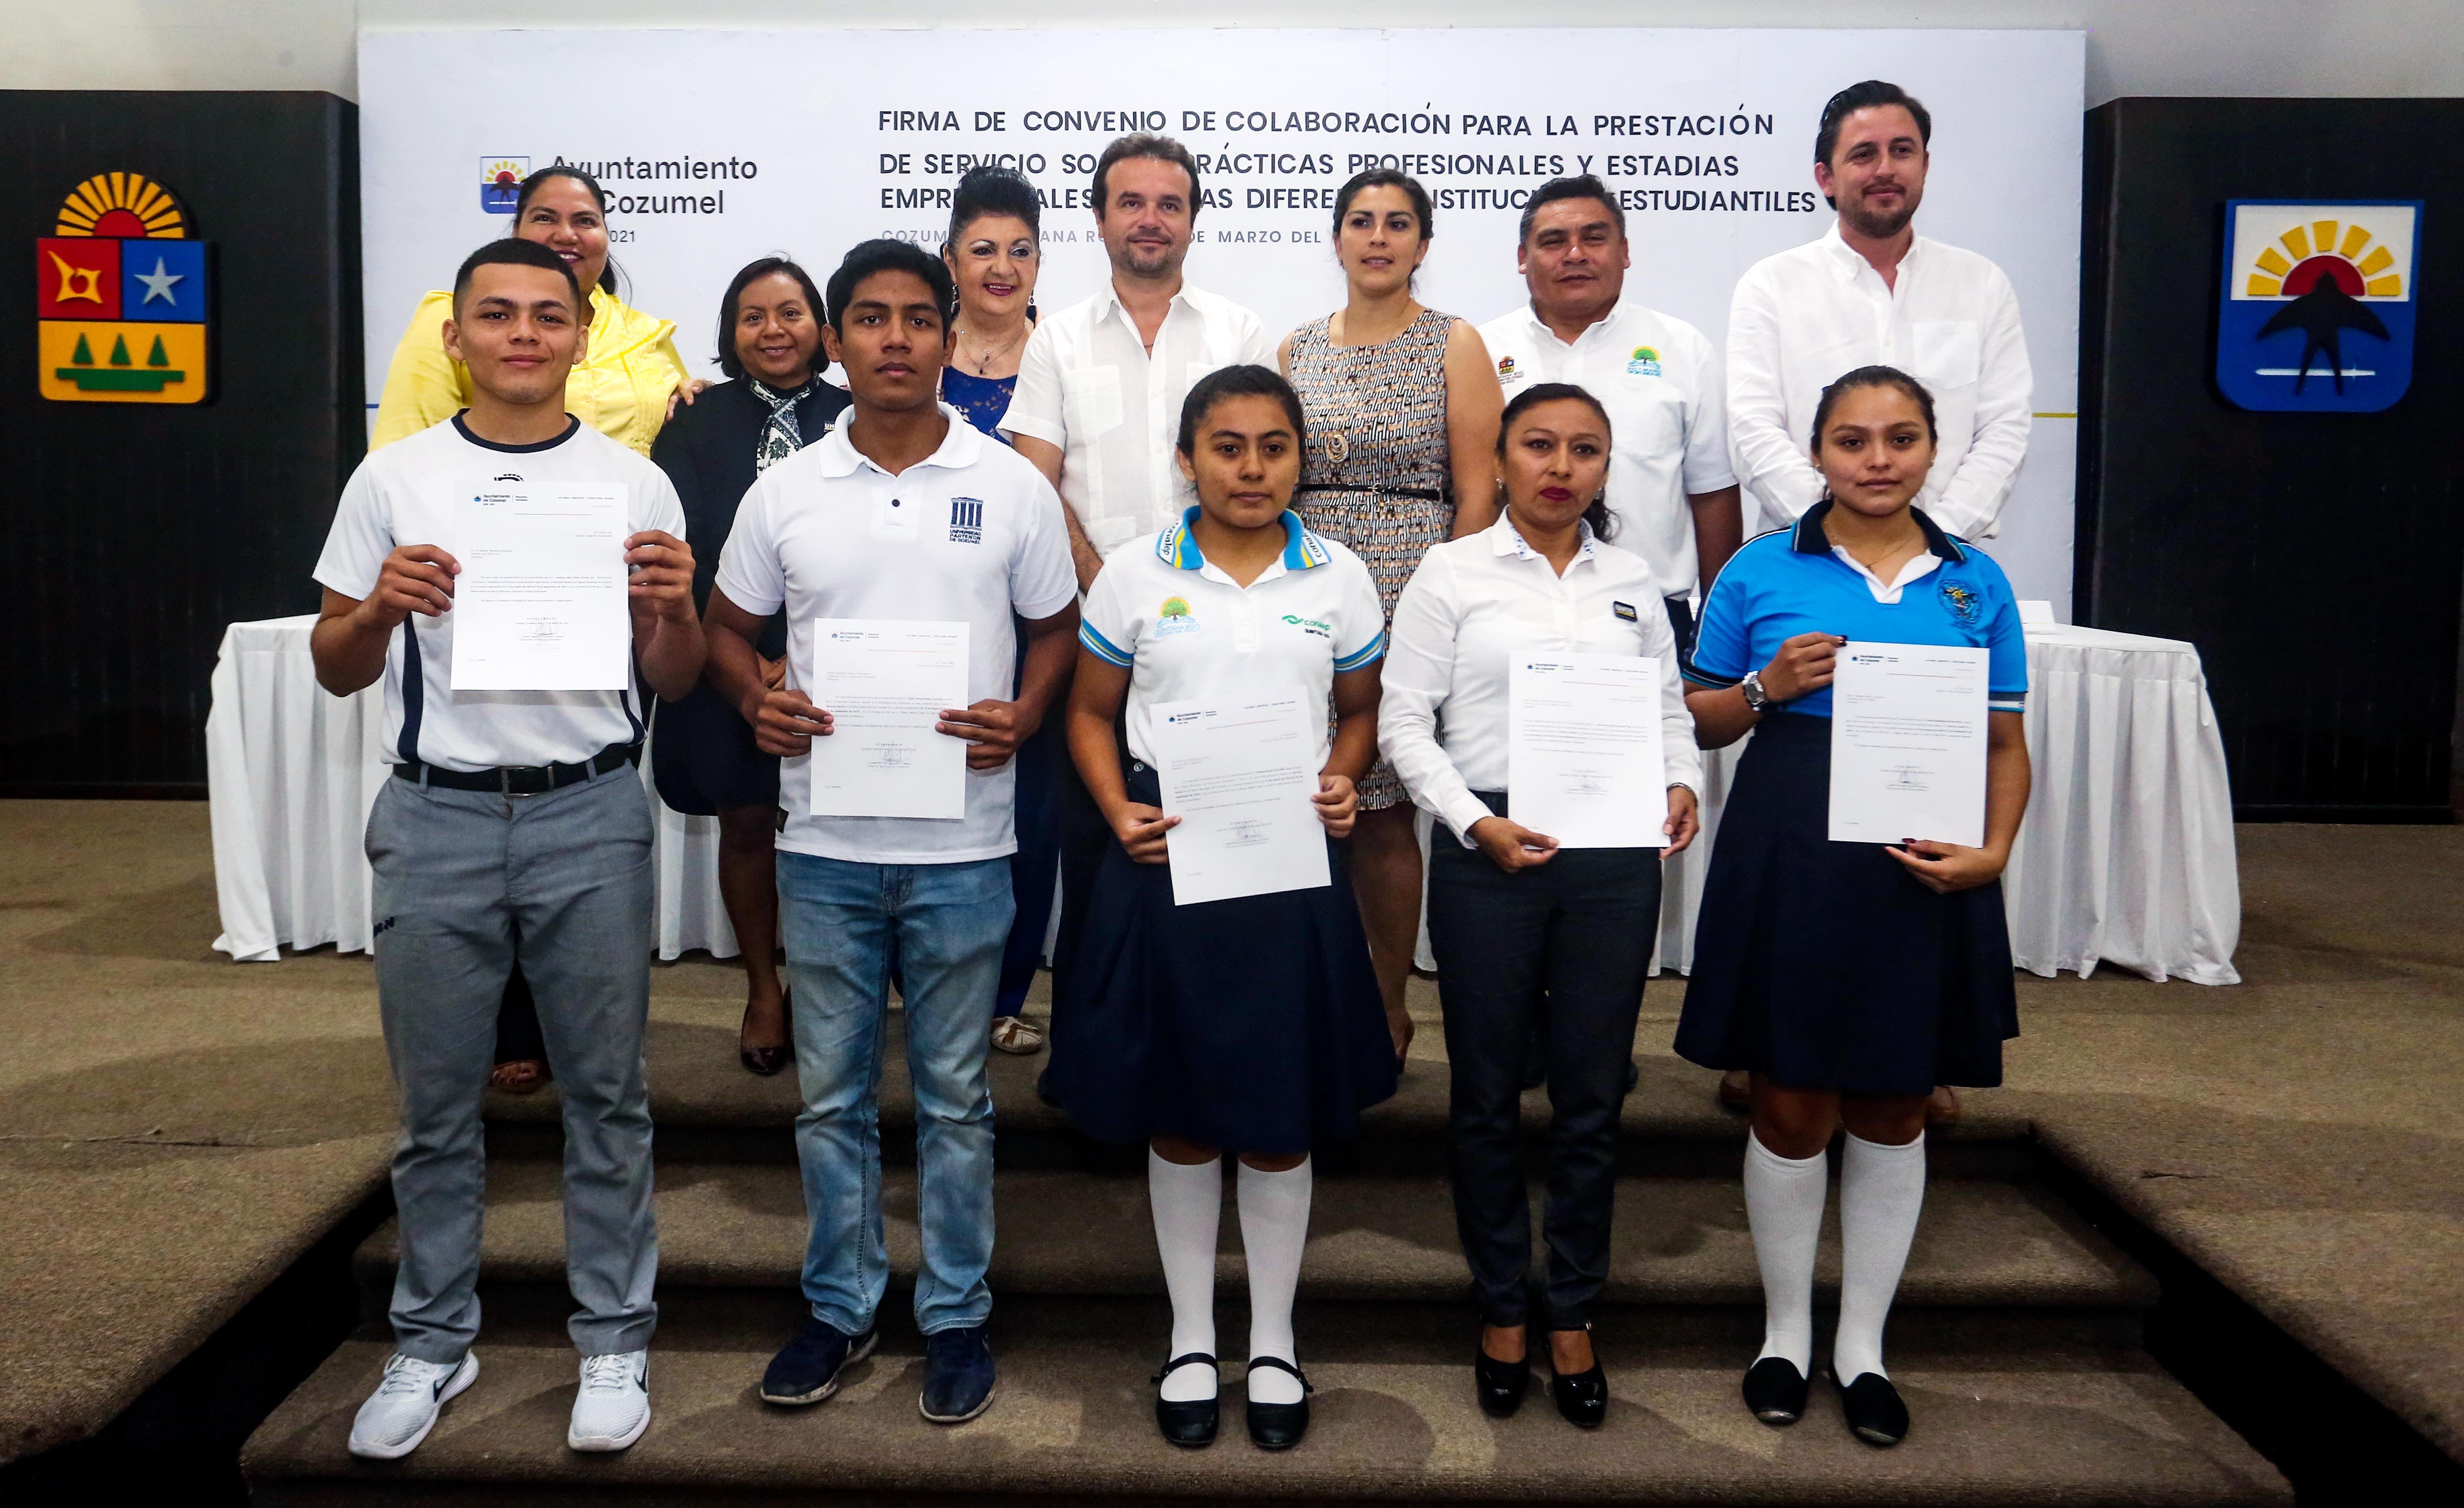 Más de 30 alumnos de nivel medio y superior de la isla, realizan su servicio social, prácticas profesionales y estadías empresariales en el Ayuntamiento de Cozumel